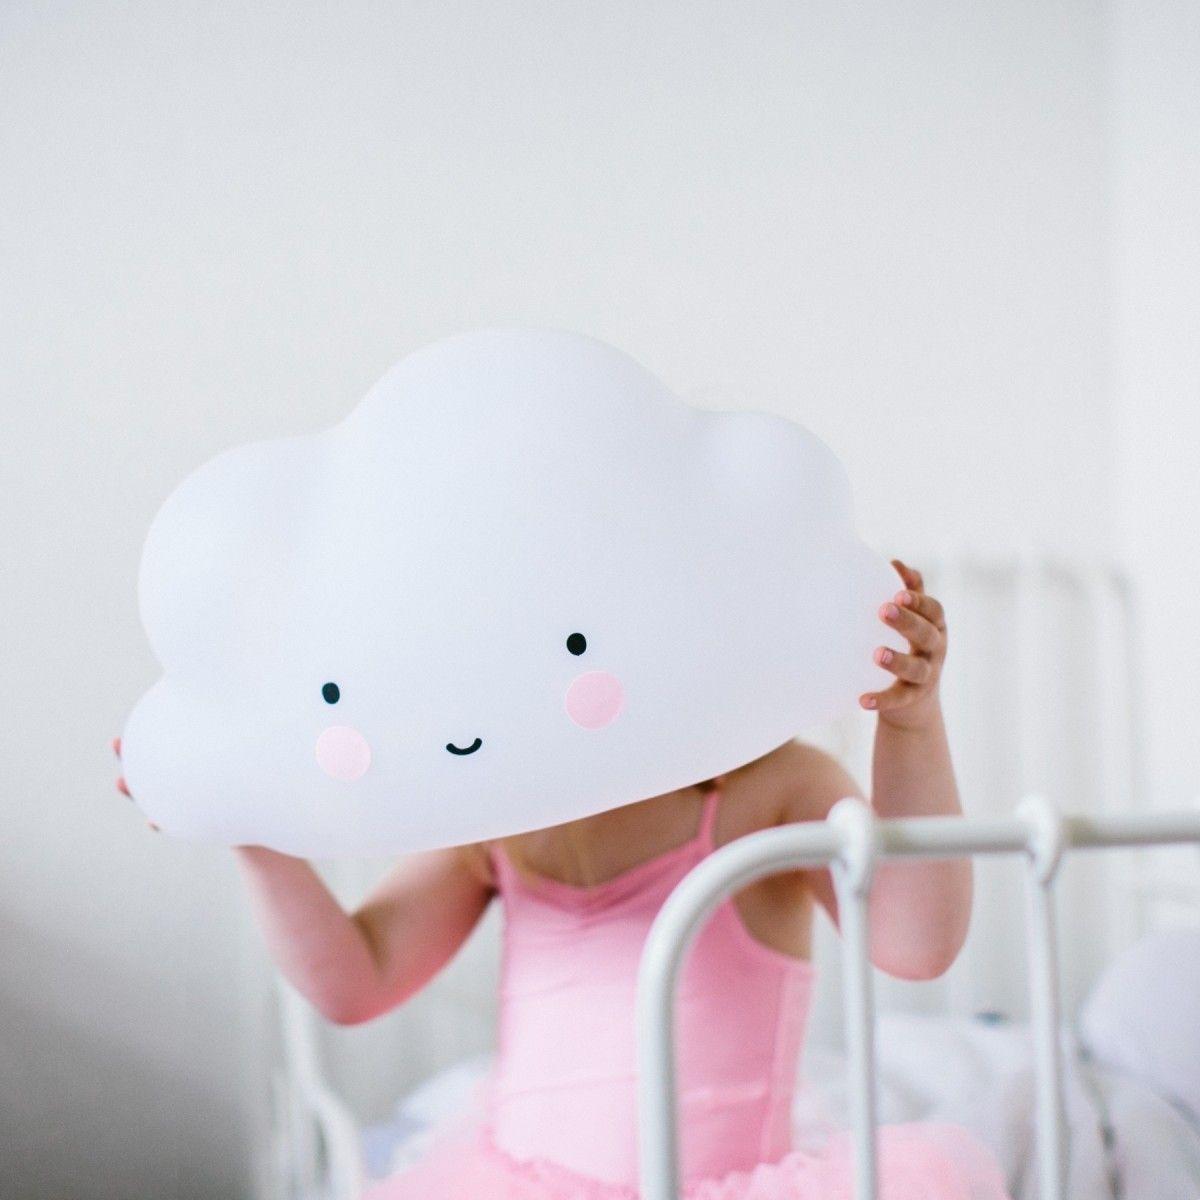 La luz quitamiedos en tamaño grande con forma de simpática nube - Minimoi